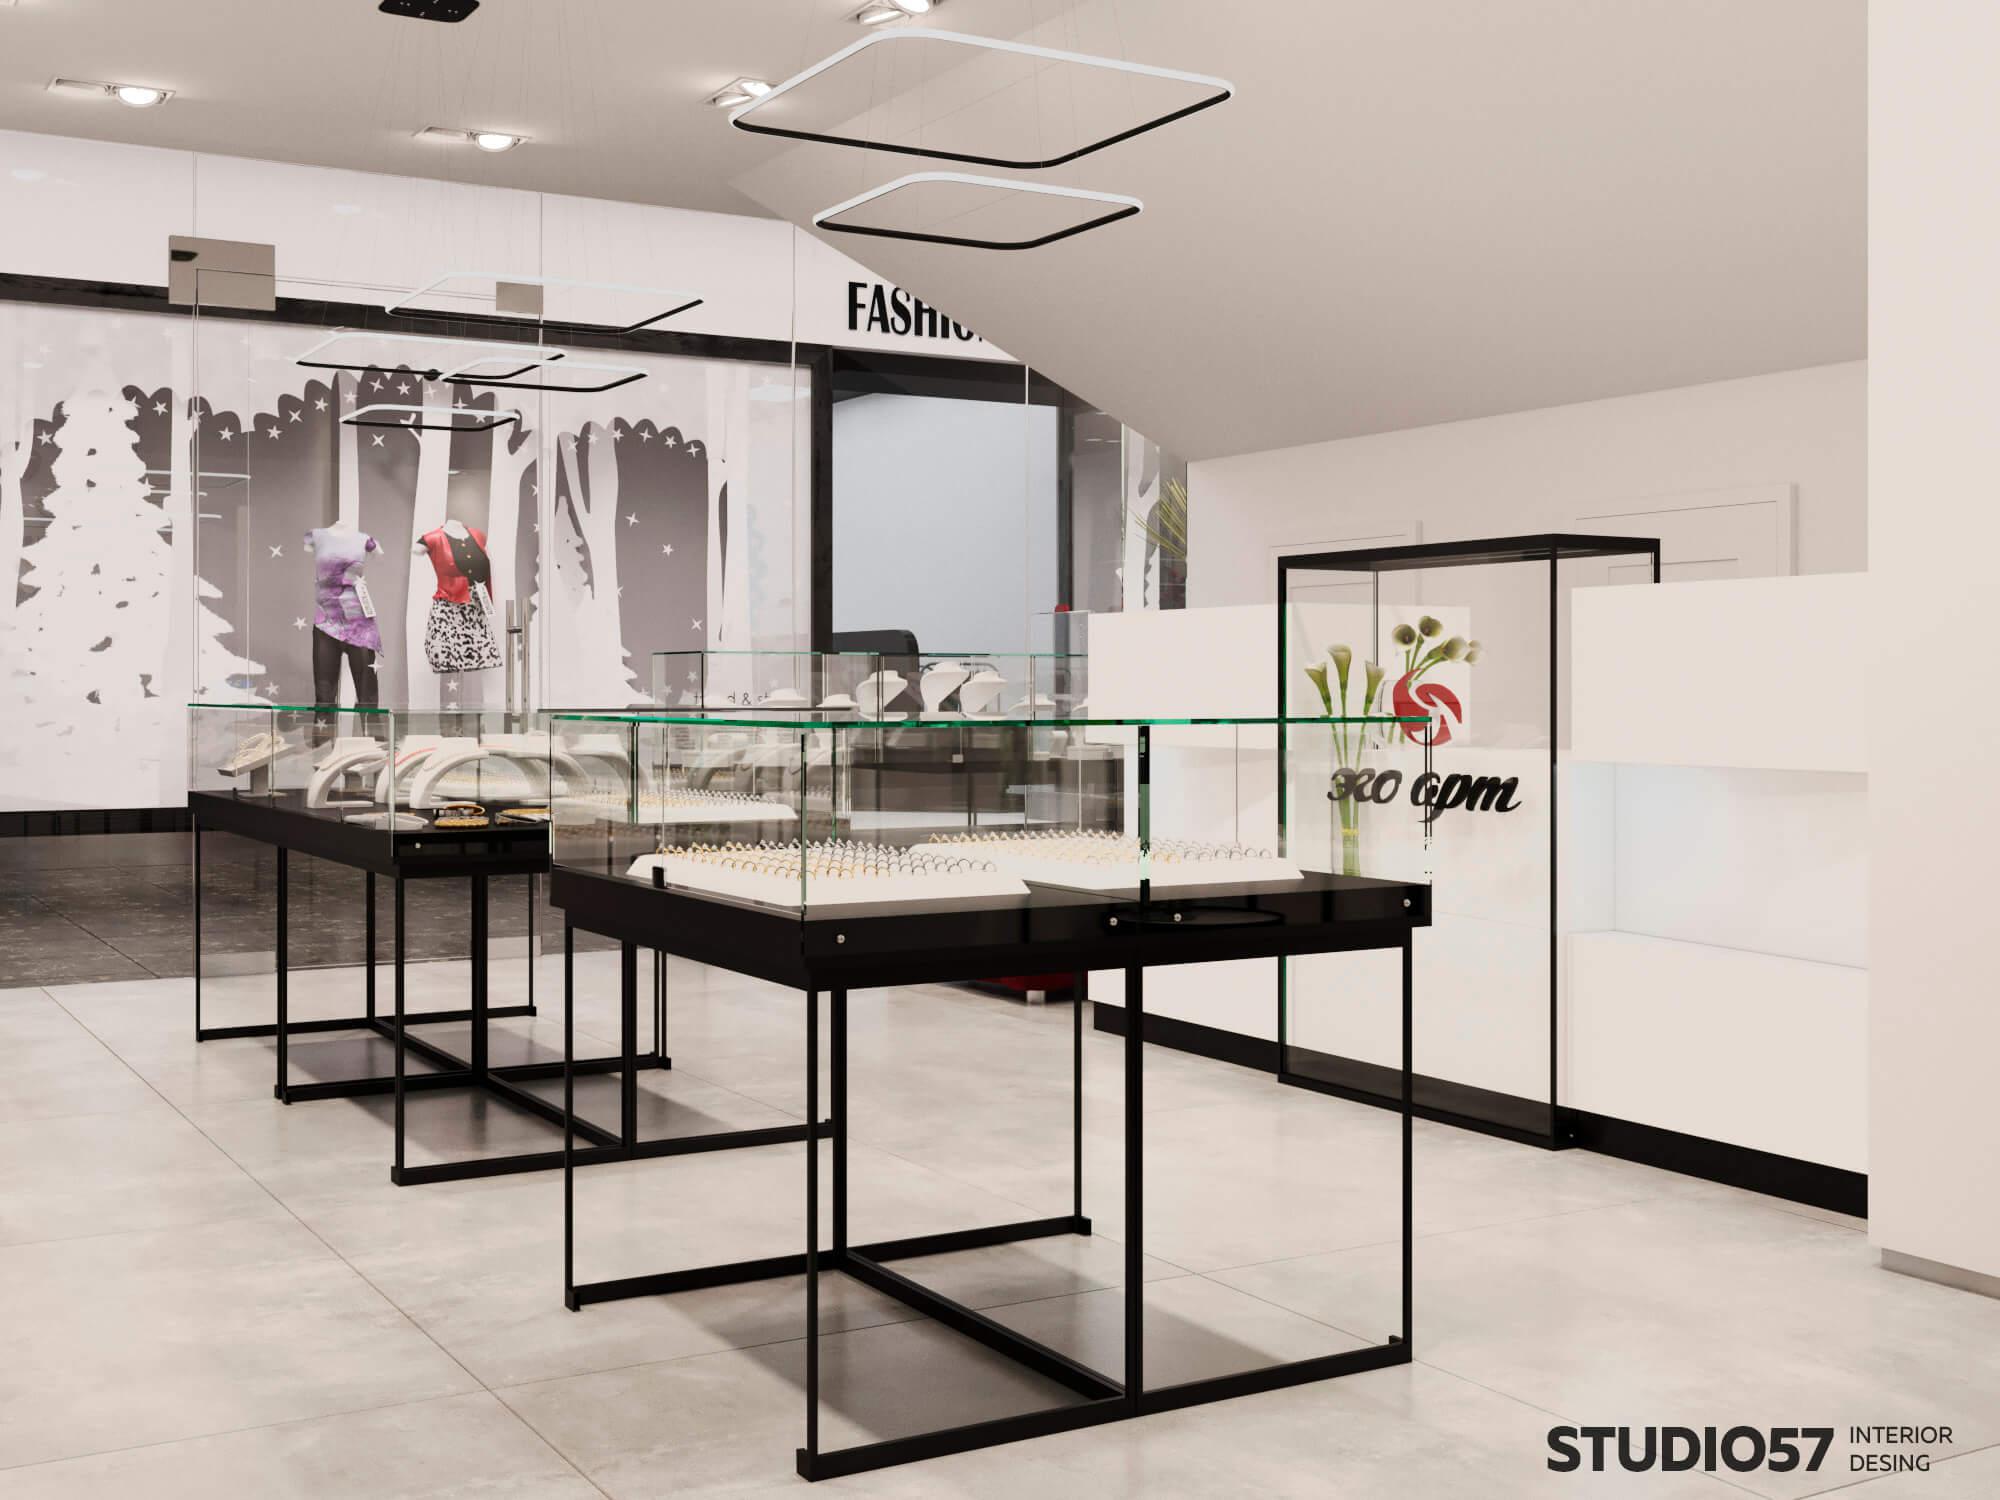 Черно белый интерьер магазина ювелирных изделий фото